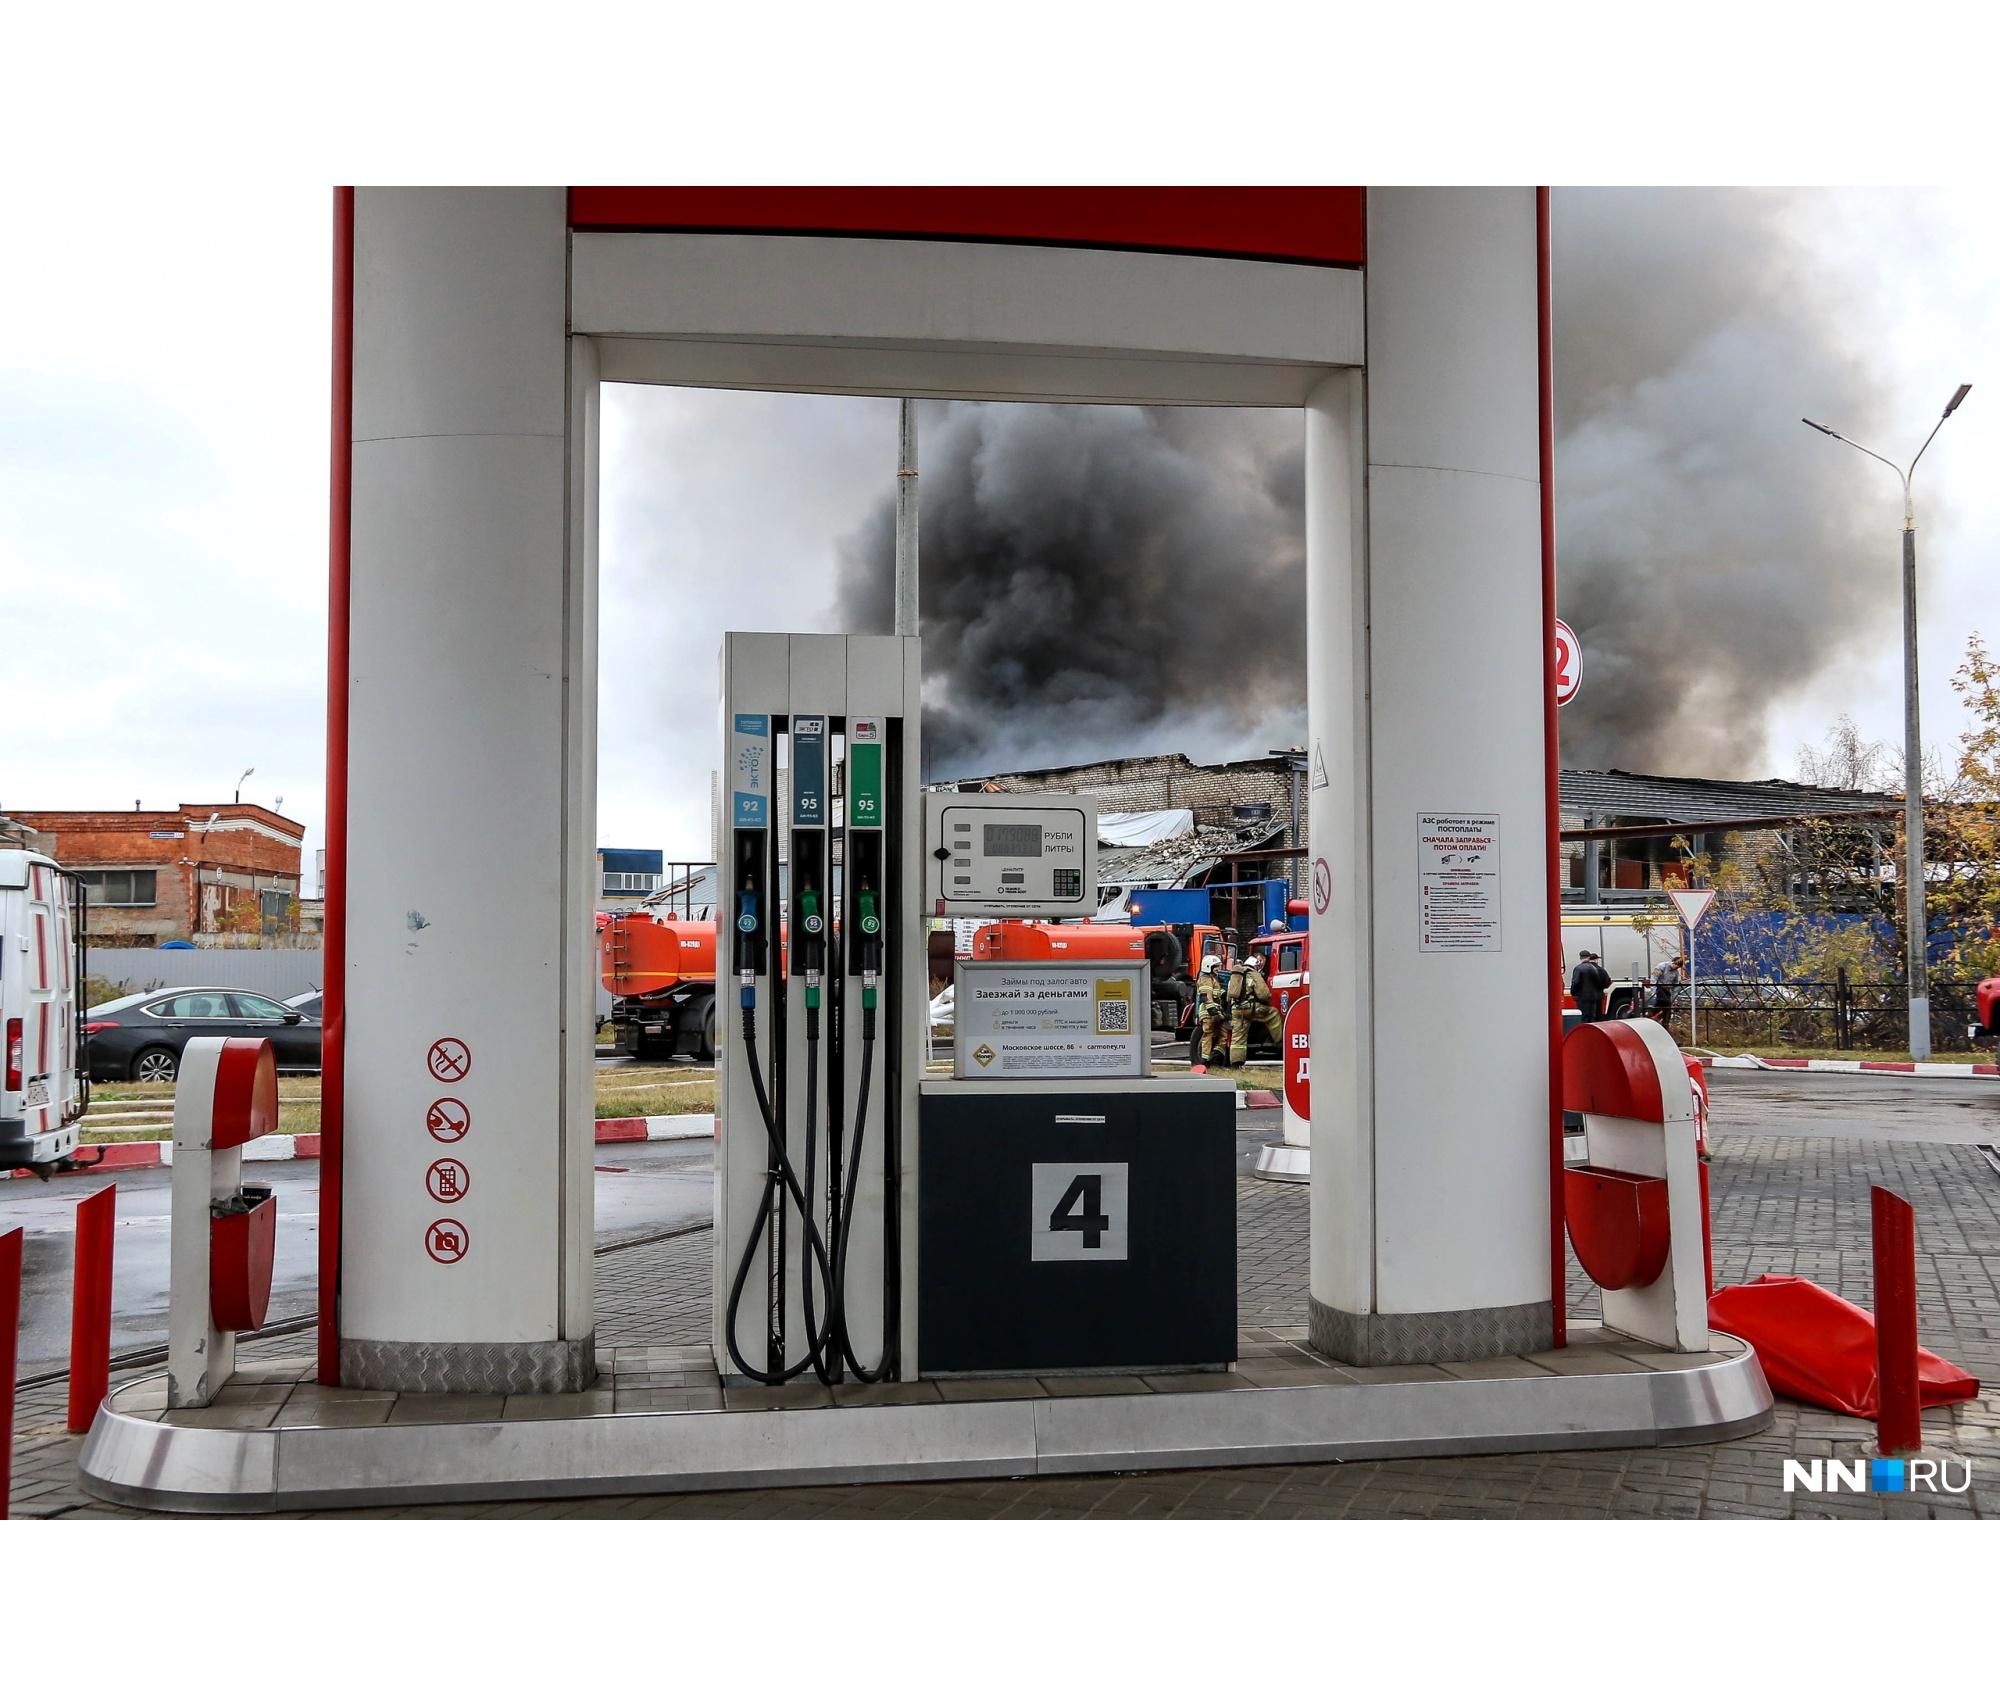 Рядом со складом находится автозаправка, пожарные старались не подпустить огонь к этому месту